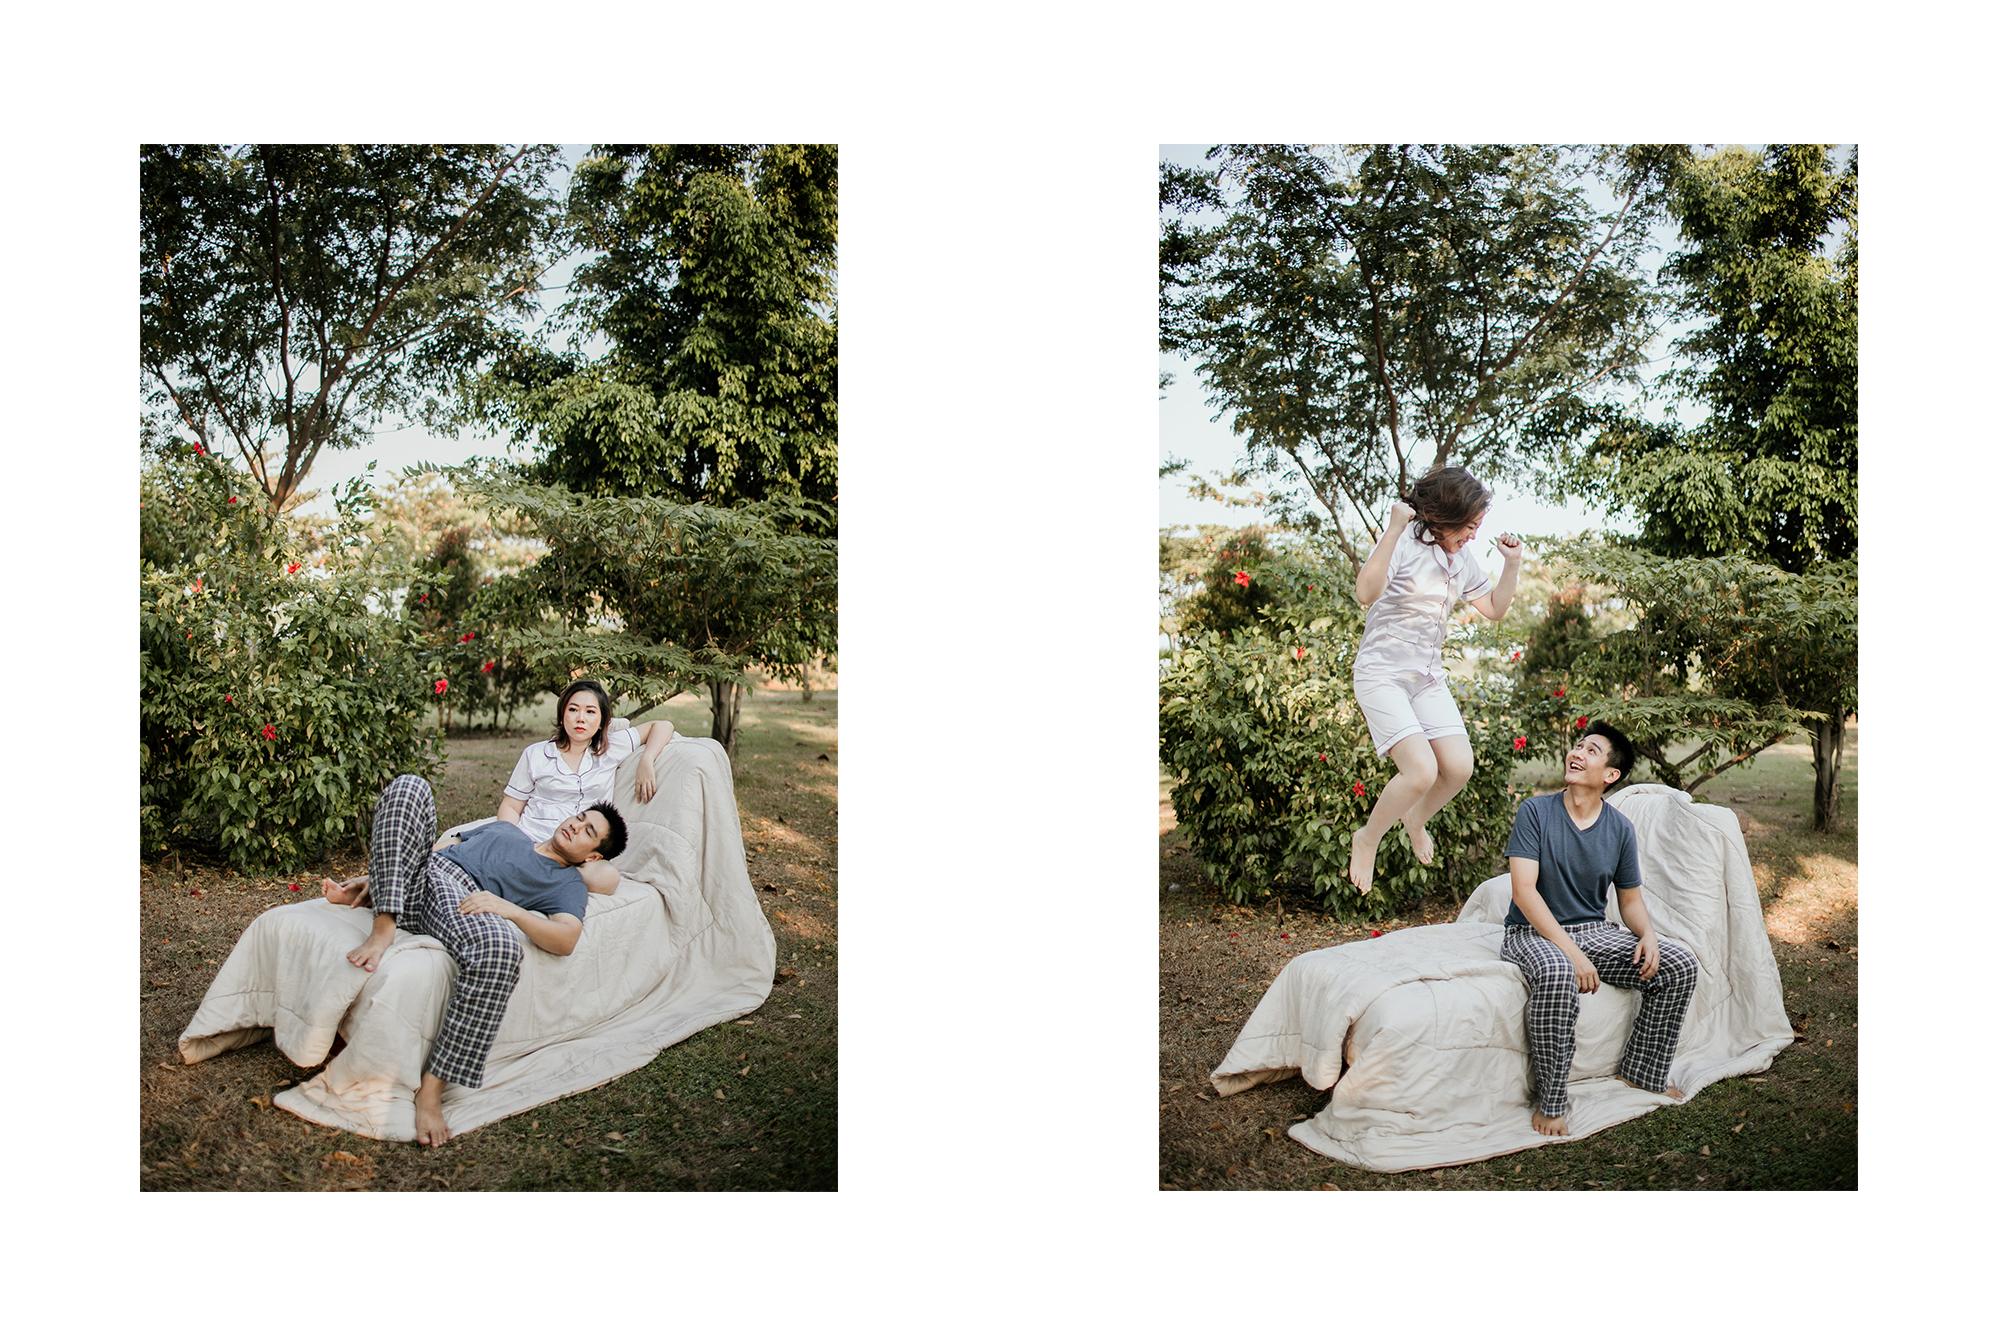 fairytale_couple_photography.jpg